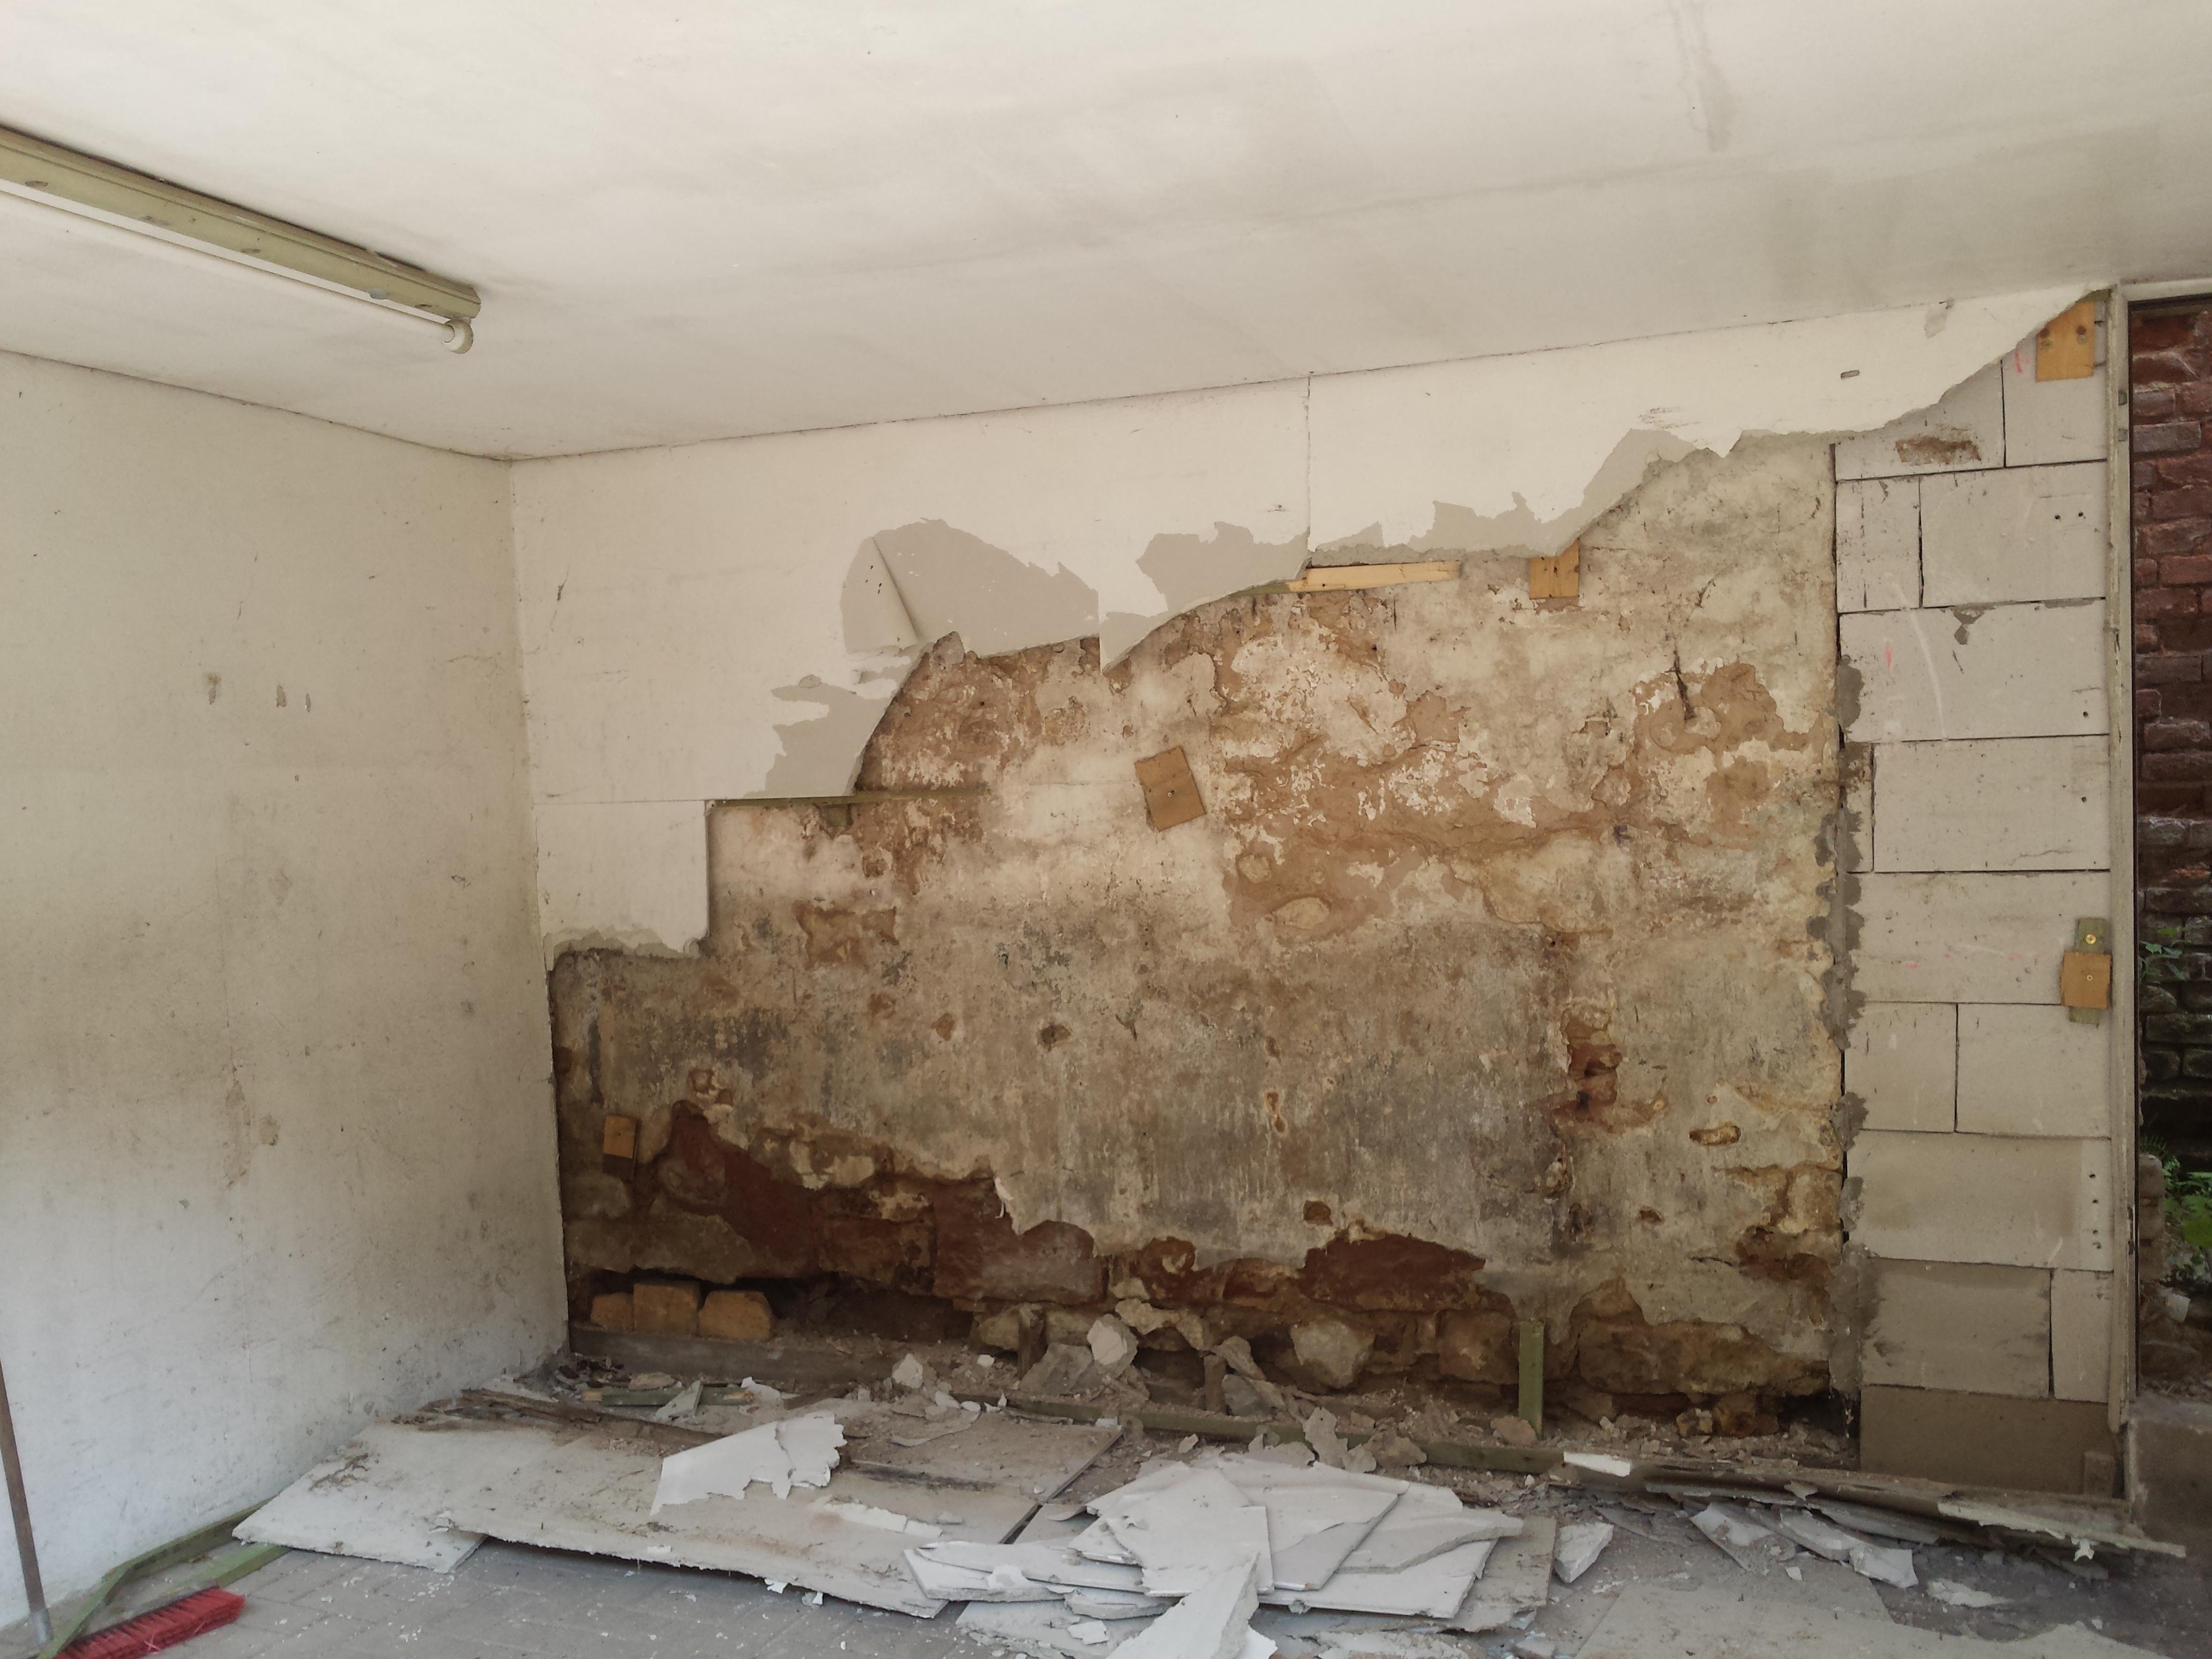 Wandverkleidung Garage : Wandverkleidung garage innen u nur eine weitere bildergalerie